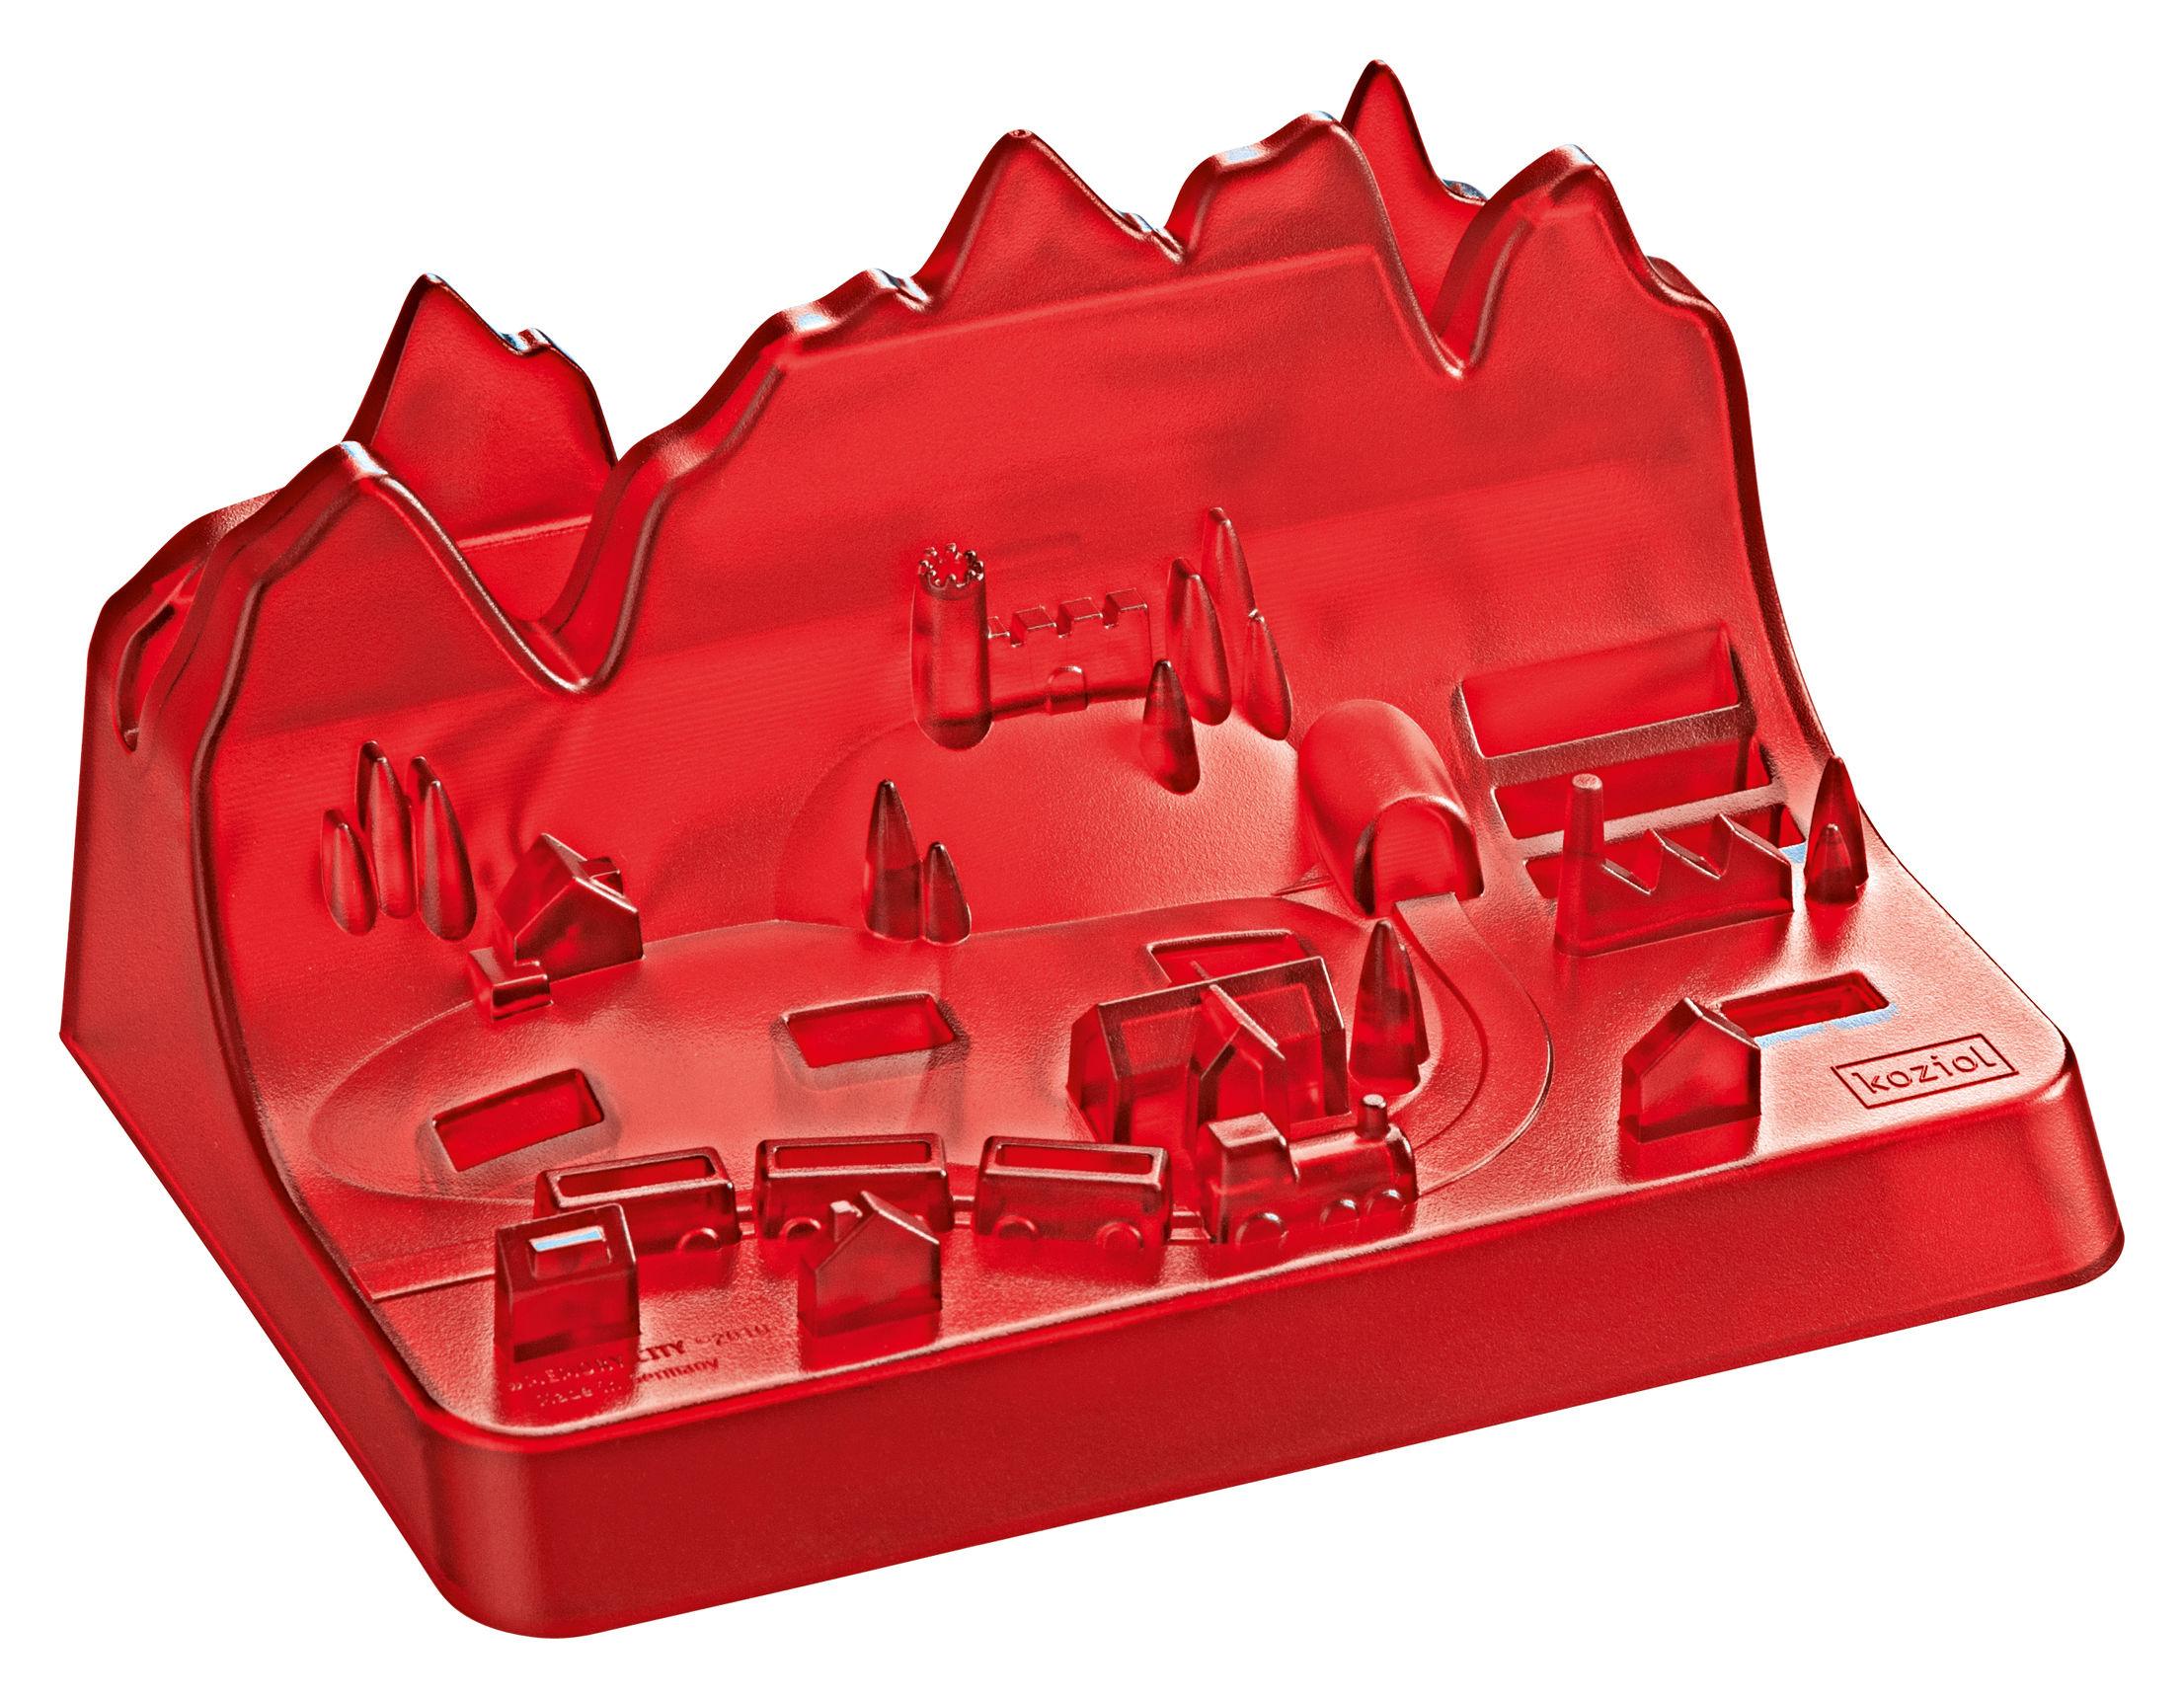 rangement memory city pour cl s usb rouge transparent koziol. Black Bedroom Furniture Sets. Home Design Ideas